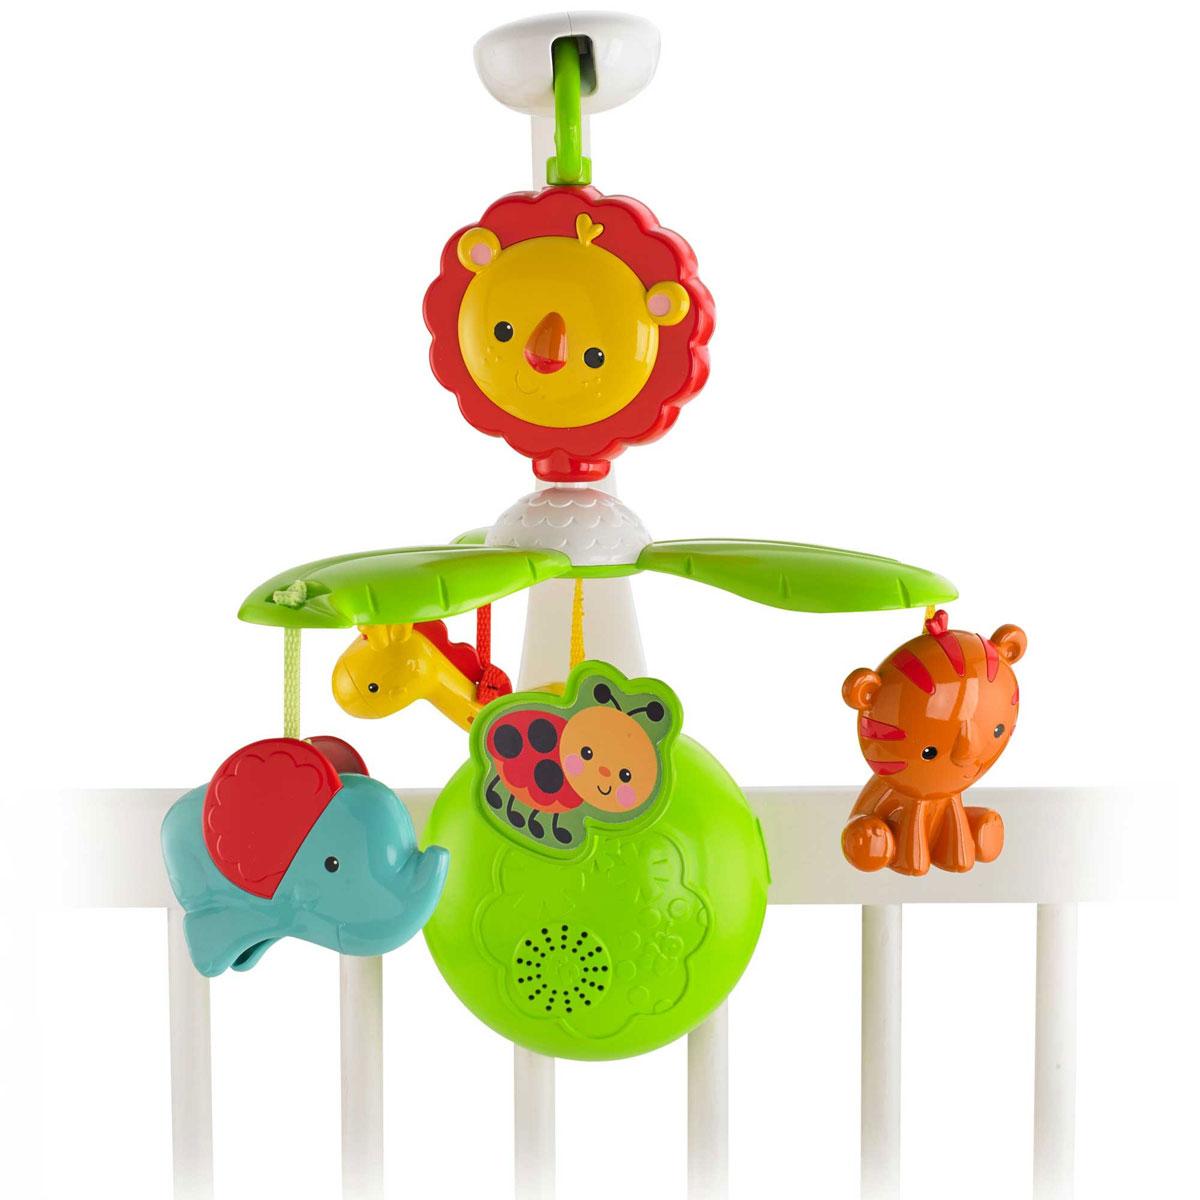 Fisher-Price Newborn Мобиль Растем вместеY6599Музыкальный мобиль Fisher-Price Растем вместе - оригинальная игрушка, создающая атмосферу уюта и спокойствия в детской комнате. Под приятные мелодии на мобиле медленно вращаются три игрушки, выполненные из пластика в виде жирафика, слоника и тигренка. К кроватке малыша крепится музыкальный блок, в него вставляется кронштейн. К кронштейну крепится соединительное звено в виде головы льва и мобиль в виде листиков с божьей коровкой, а к нему подвешиваются игрушки. Устройство предусматривает четыре режима использования: Мобиль для кроватки. Он проигрывает успокаивающую музыку и звуки сердцебиения. До 15 минут звучания; Мобиль для коляски. Для использования в коляске верхняя часть мобиля легко снимается и помещается на навес для развлечения на прогулке, где он будет вращаться над головой малыша в течение 3 минут; Музыкальное устройство для коляски. Кронштейн с мобилем и игрушками можно снять, оставив только музыкальный блок; Съемные игрушки. Их можно...